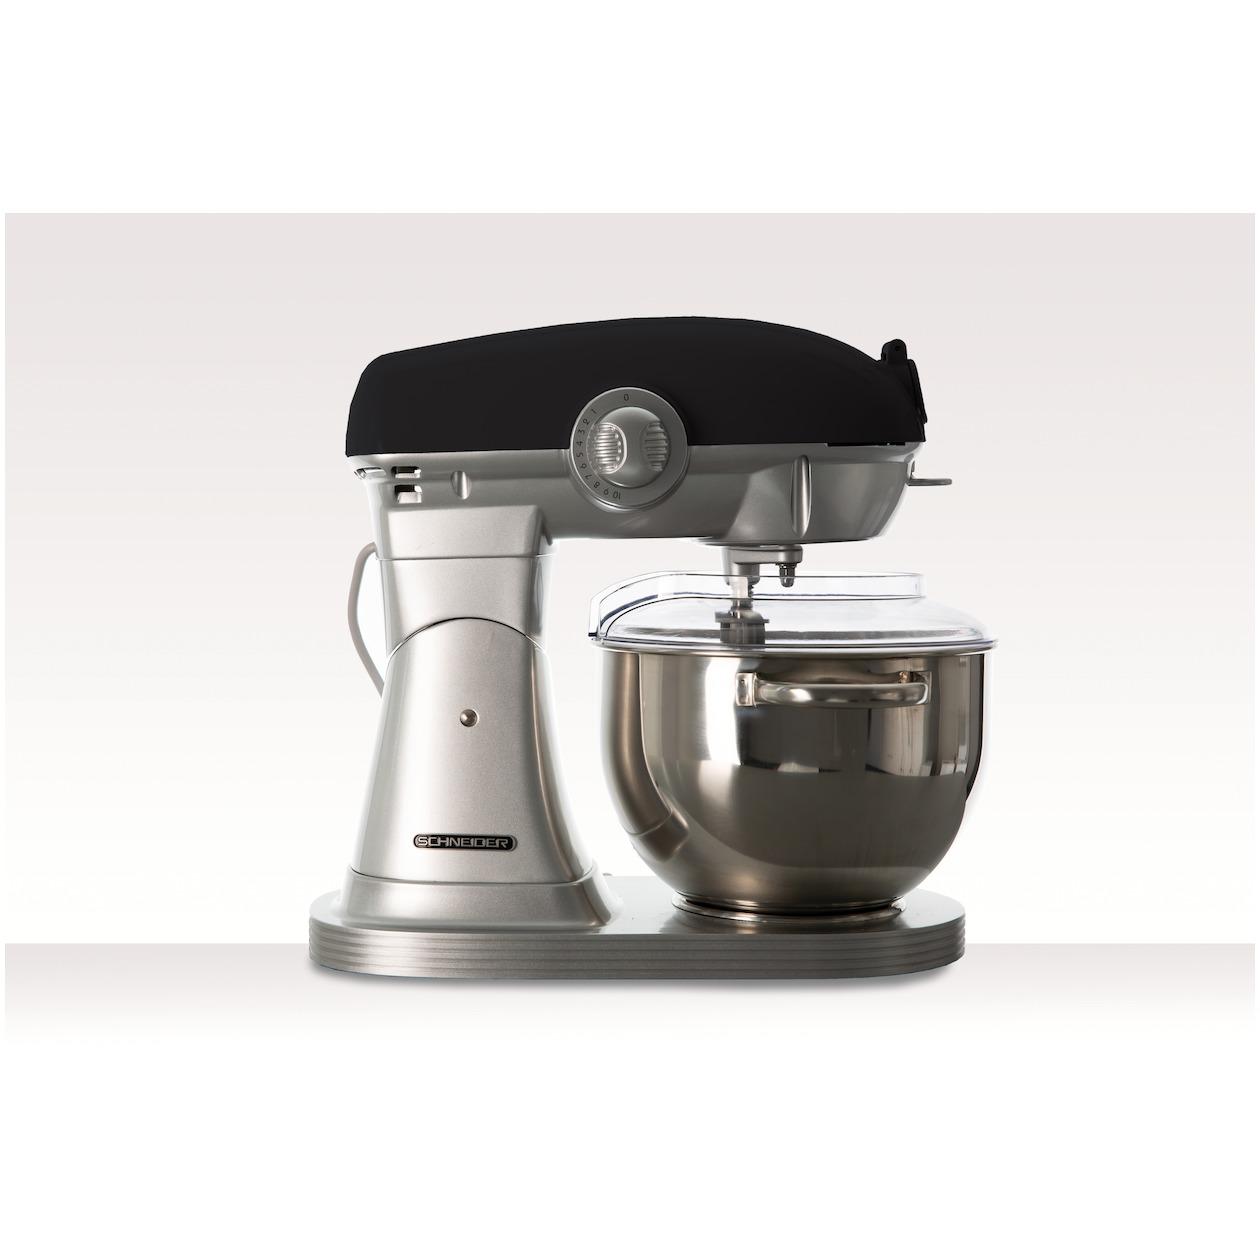 Schneider keukenmachine SCFP57B mat zwart